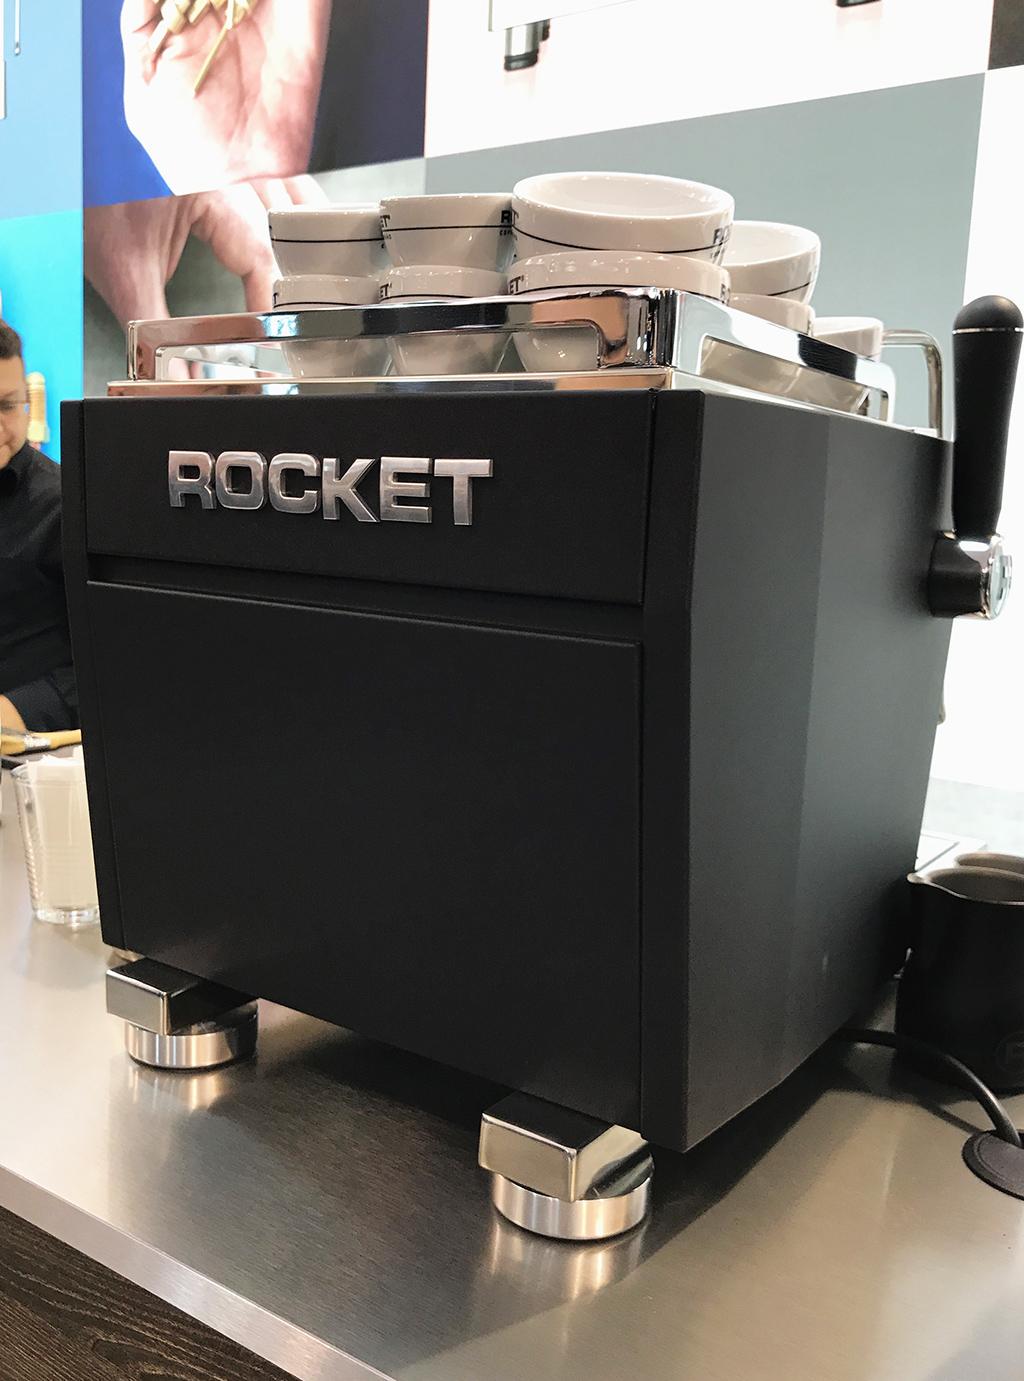 Rocket Espresso Host 2017 R9 One Mini Rear Matt Black